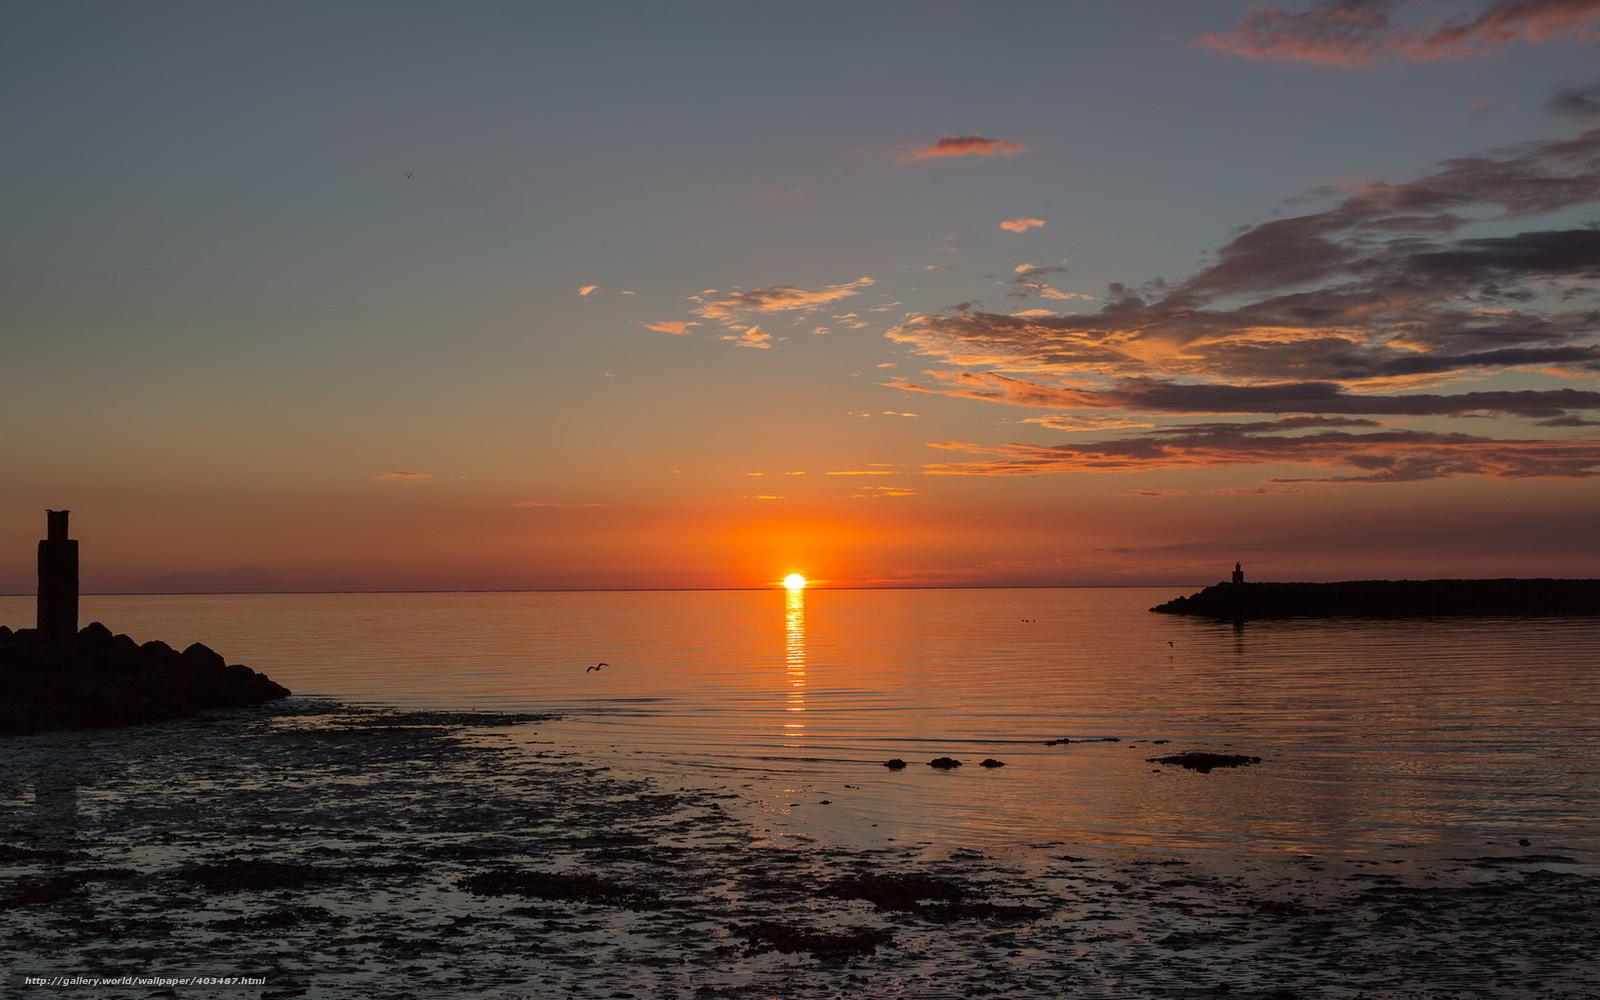 Scaricare gli sfondi tramonto mare paesaggio sfondi for Paesaggi invernali desktop